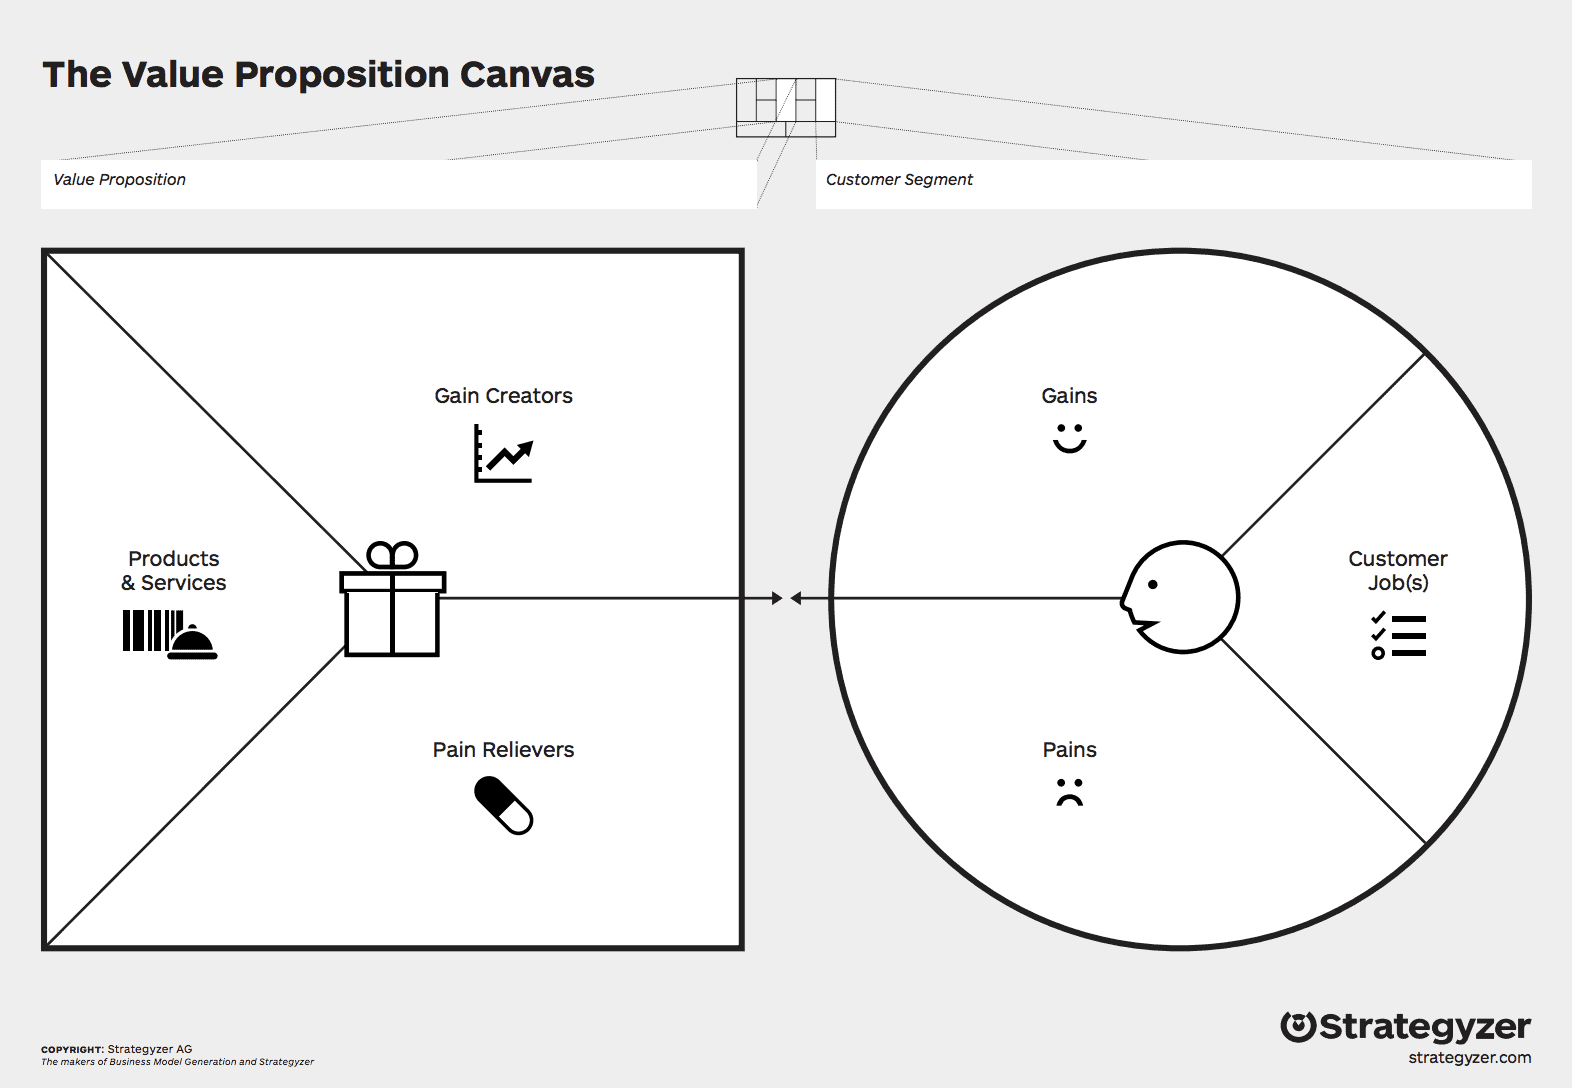 Het Value Proposition Canvas met links de Value Map en rechts de Customer Profile. Deze zijn een verdieping op de onderdelen Value Proposition en Customer Segments uit het Business Model Canvas.